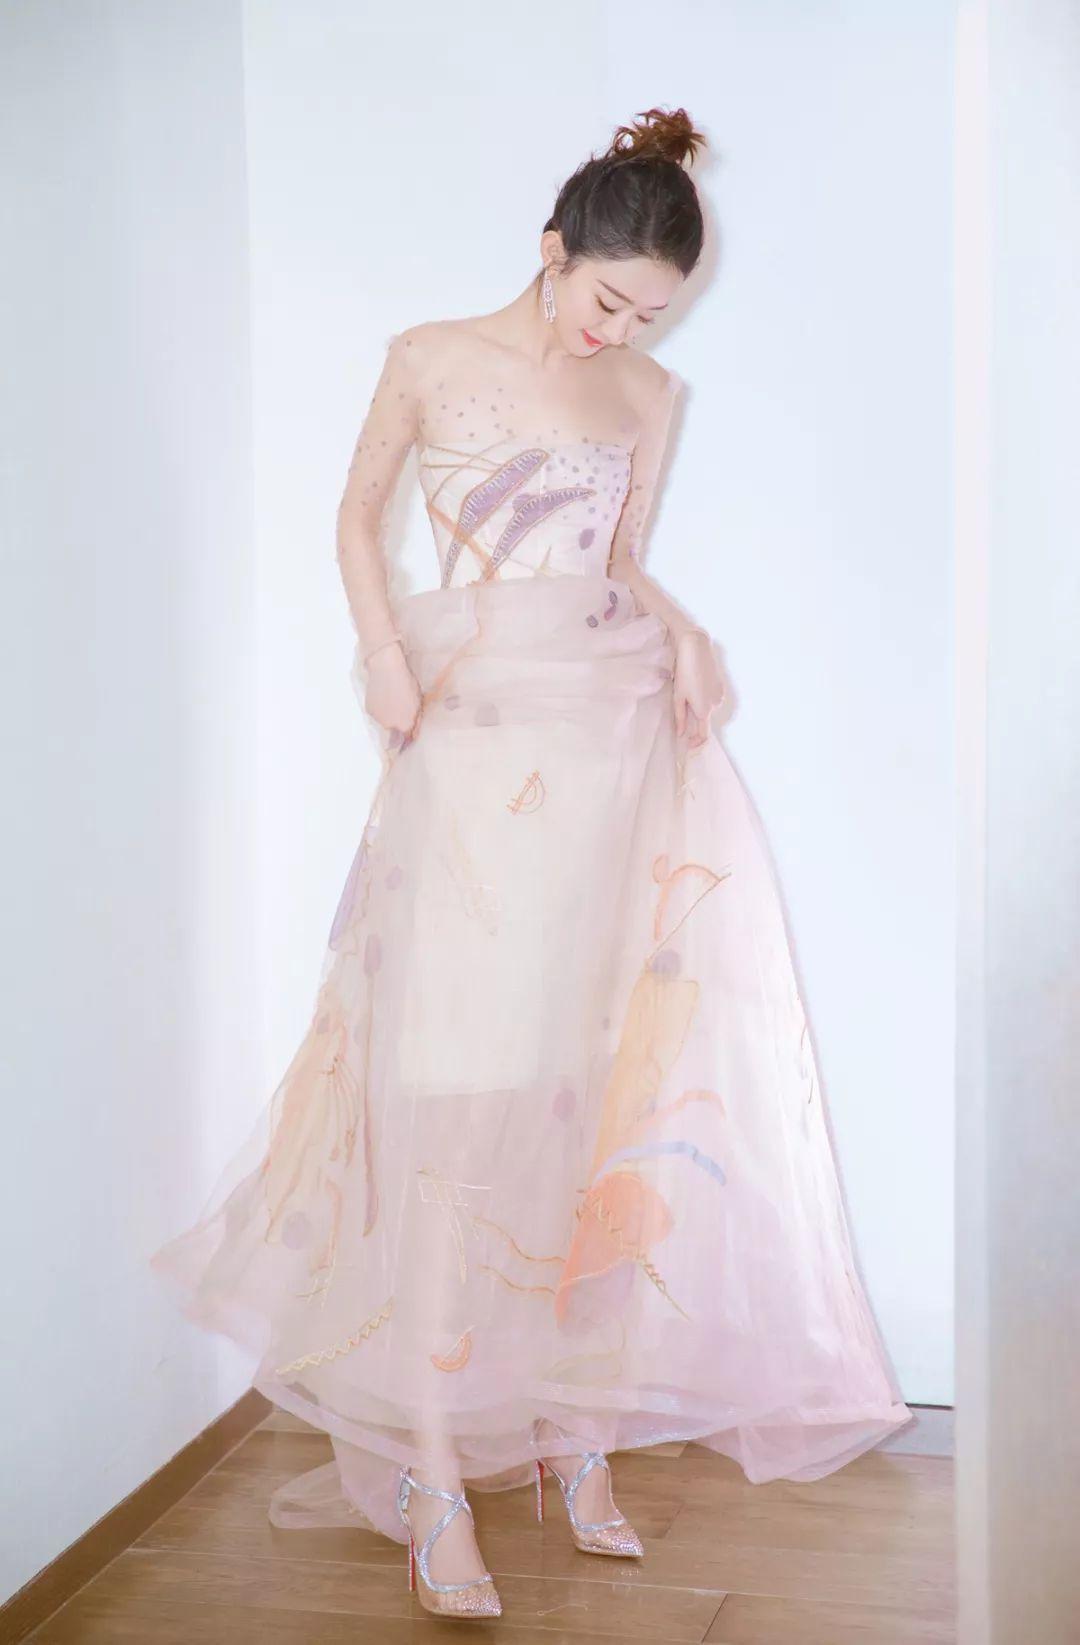 如今女明星连选婚纱也会撞衫?